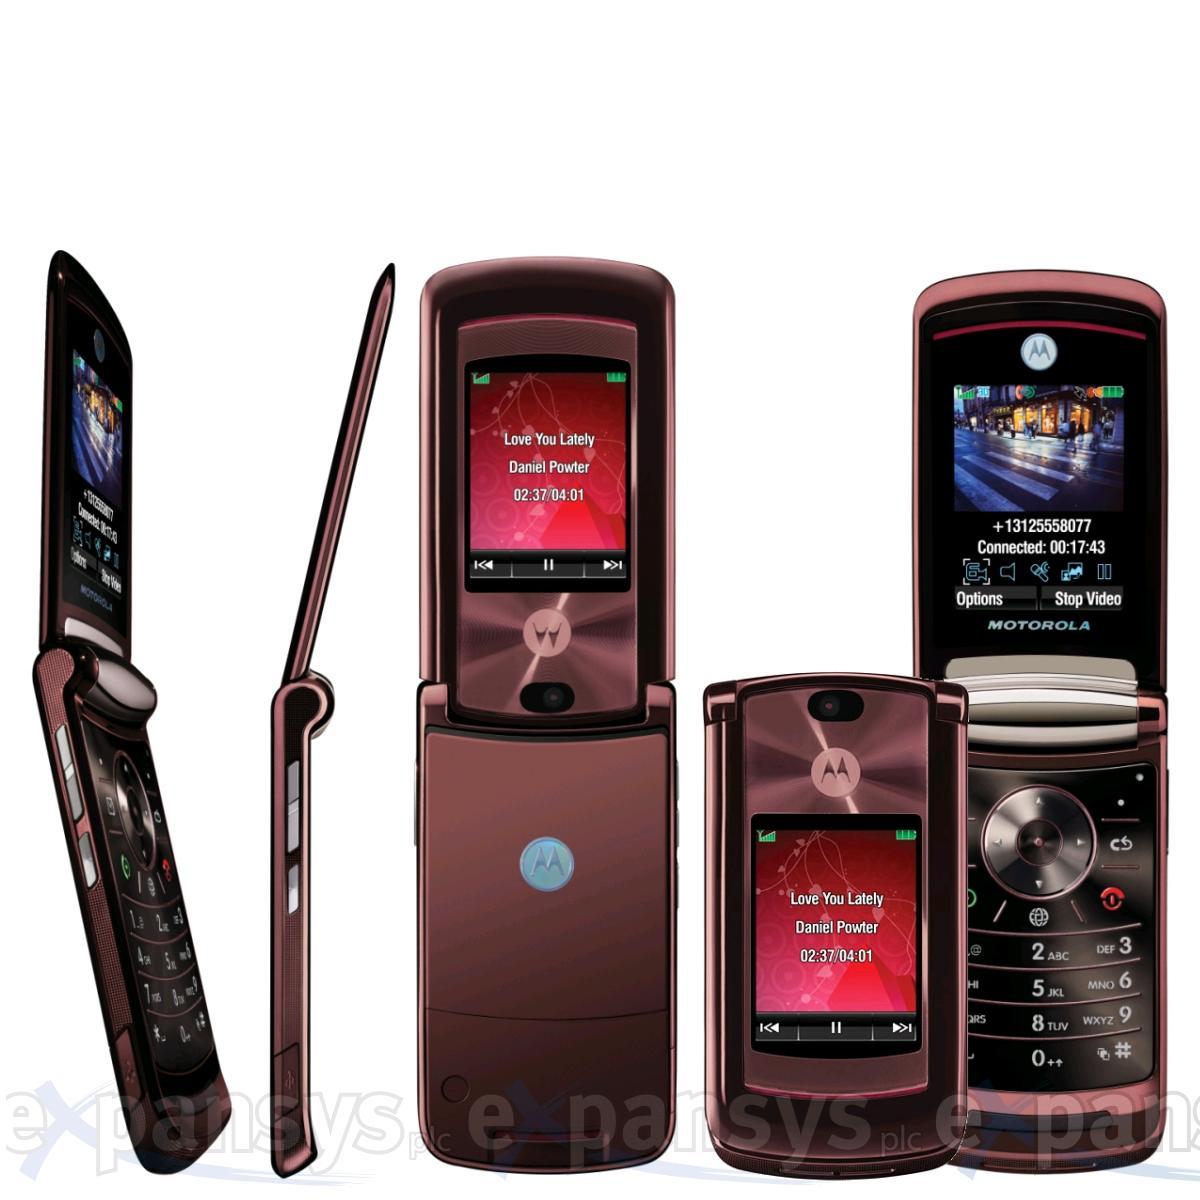 http://2.bp.blogspot.com/_RStQirGyNtg/S9n7-Cb2o8I/AAAAAAAACBg/DNFBidk-wiI/s1600/Motorola+RAZR2+V9.jpg